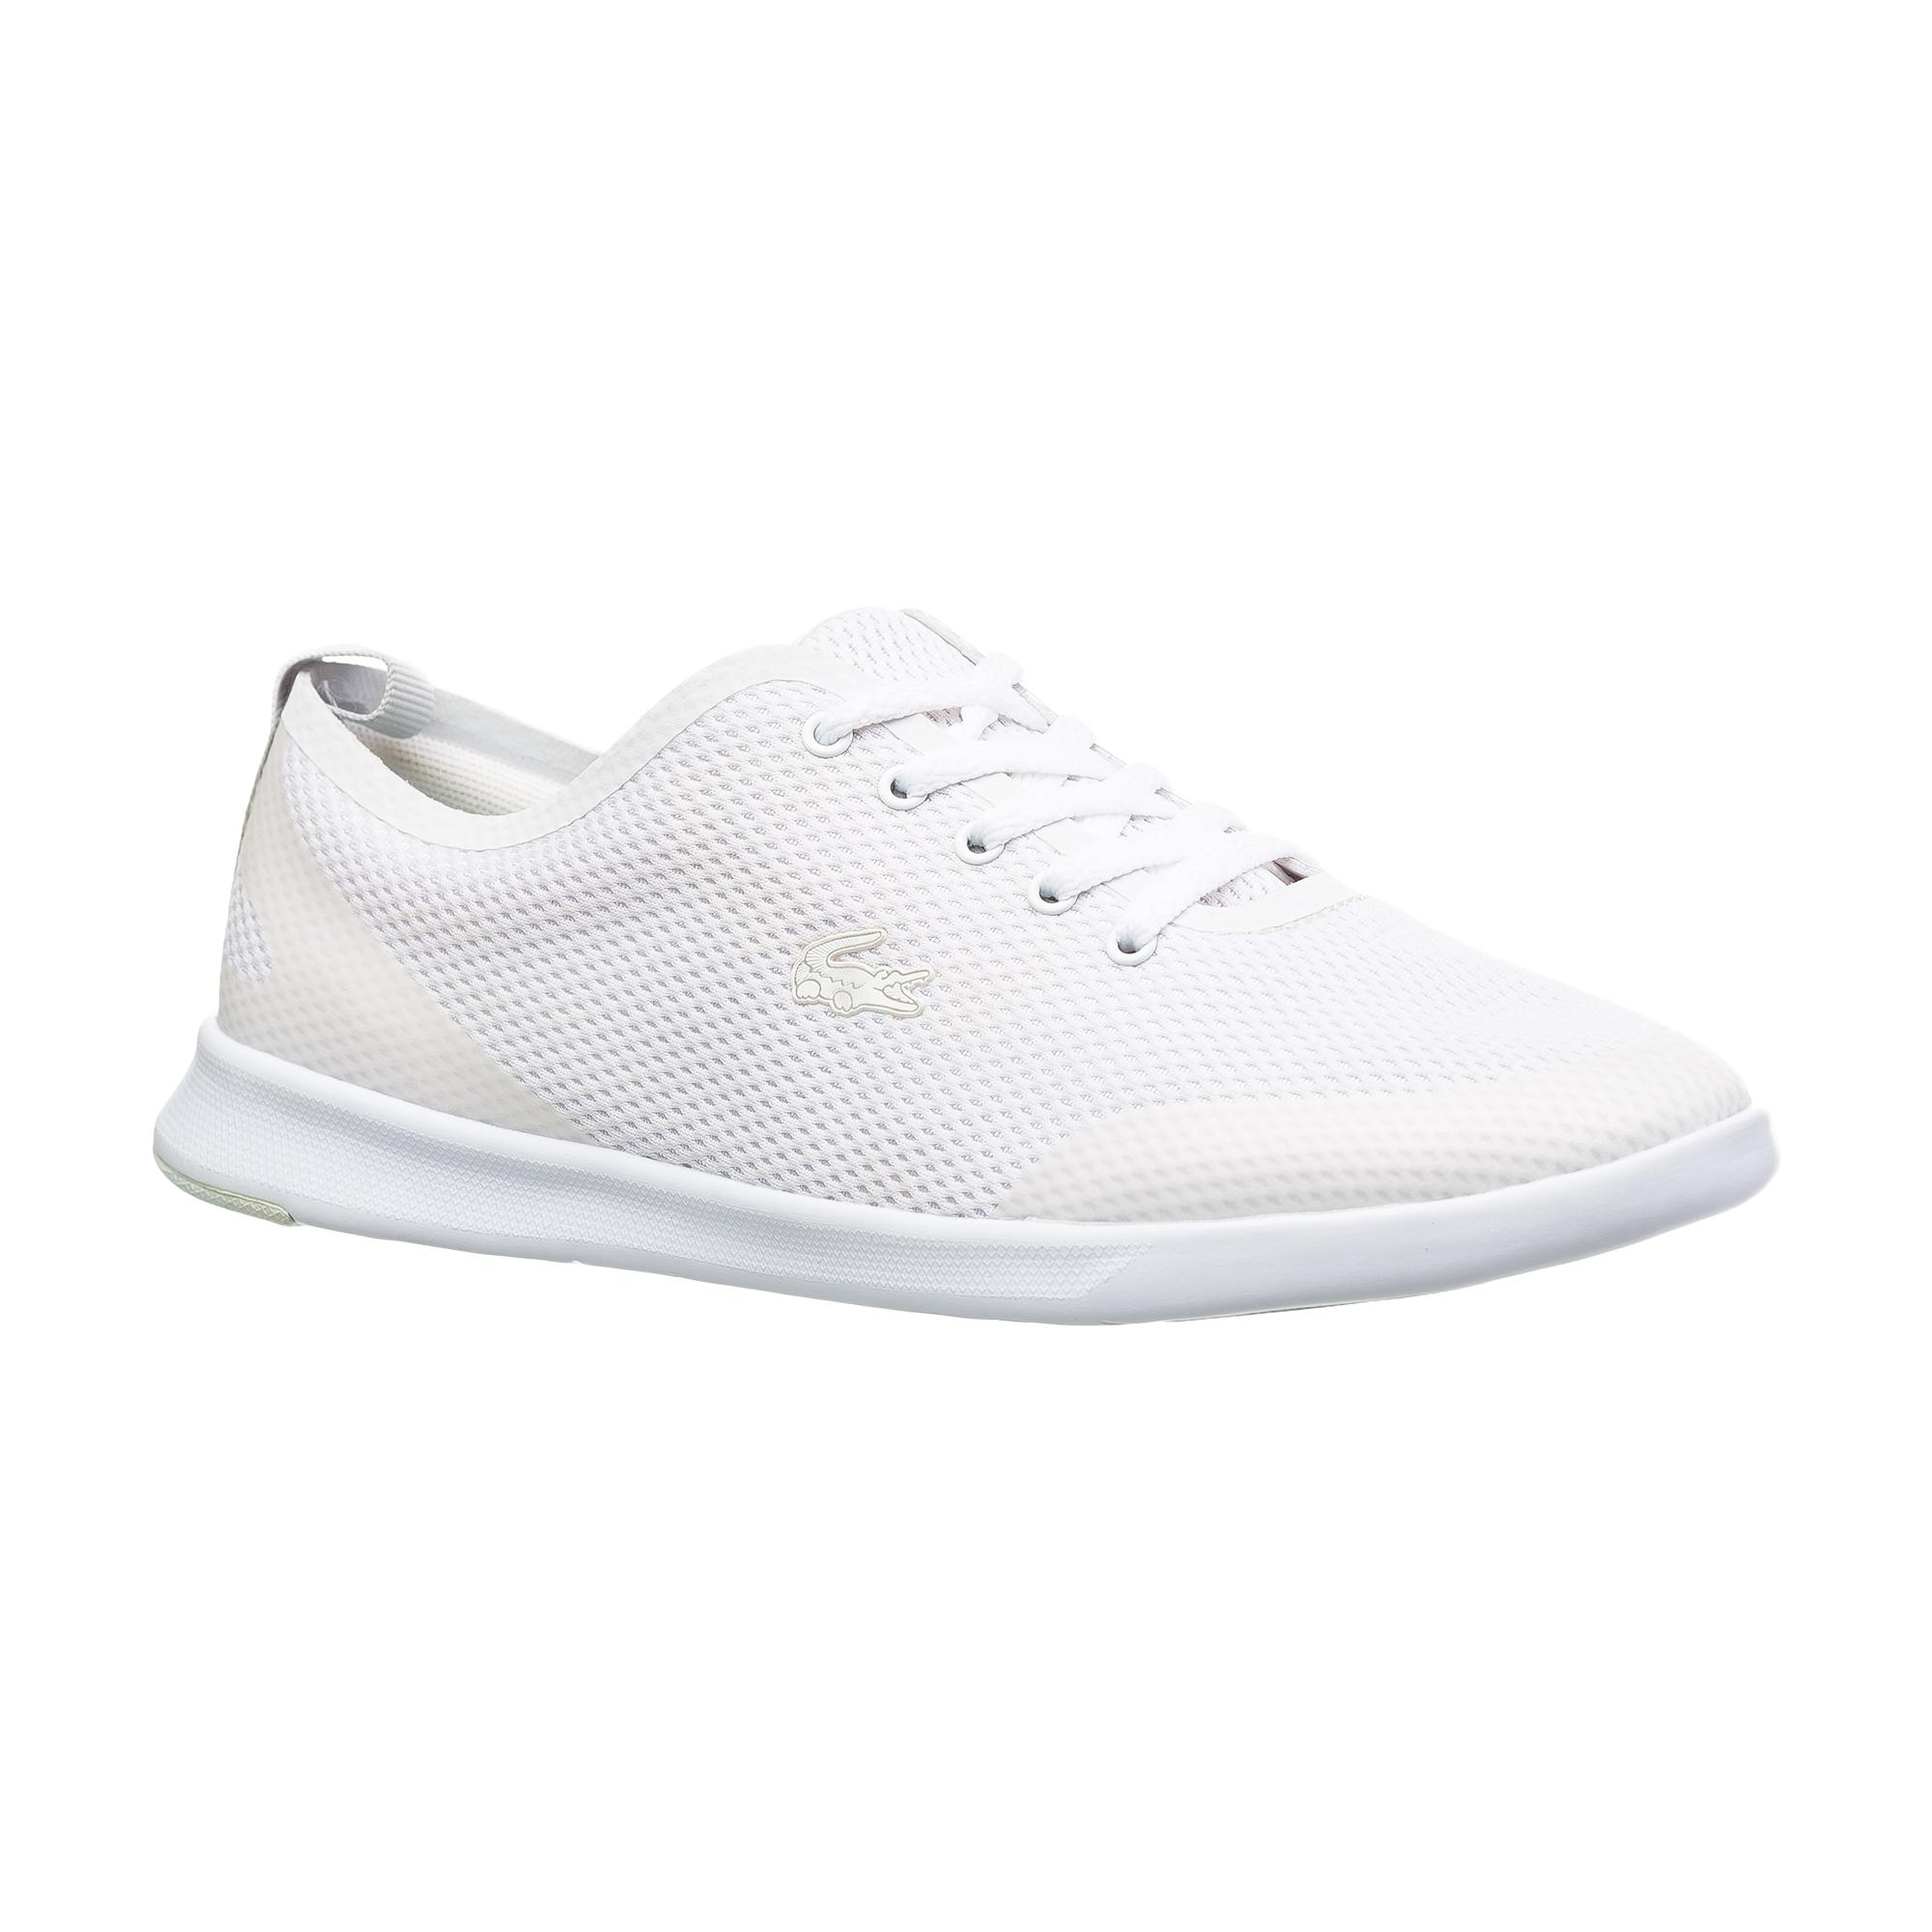 Купить AVENIR1181, Lacoste, белый, 735SPW0001